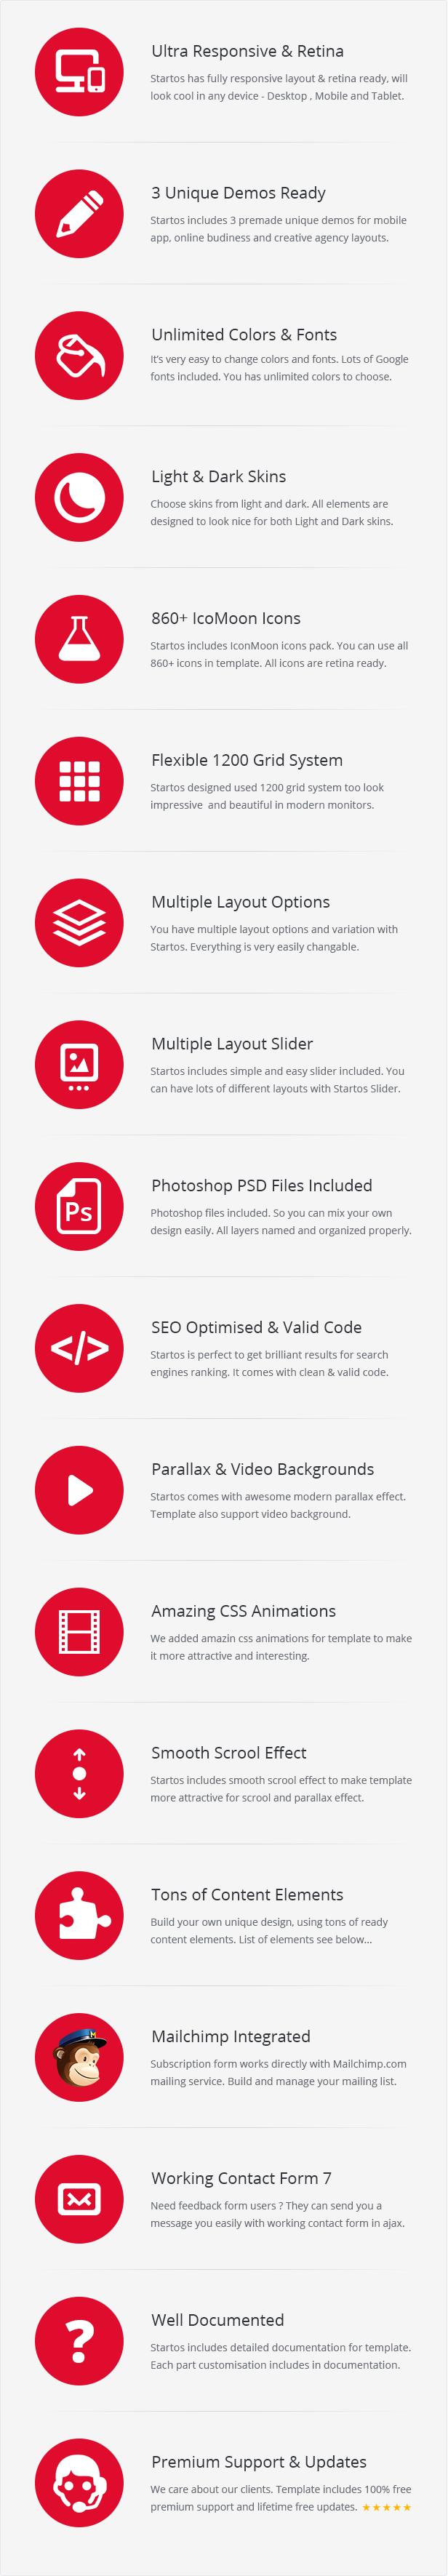 Startos - Modern App Landing Page WordPress Theme - 5